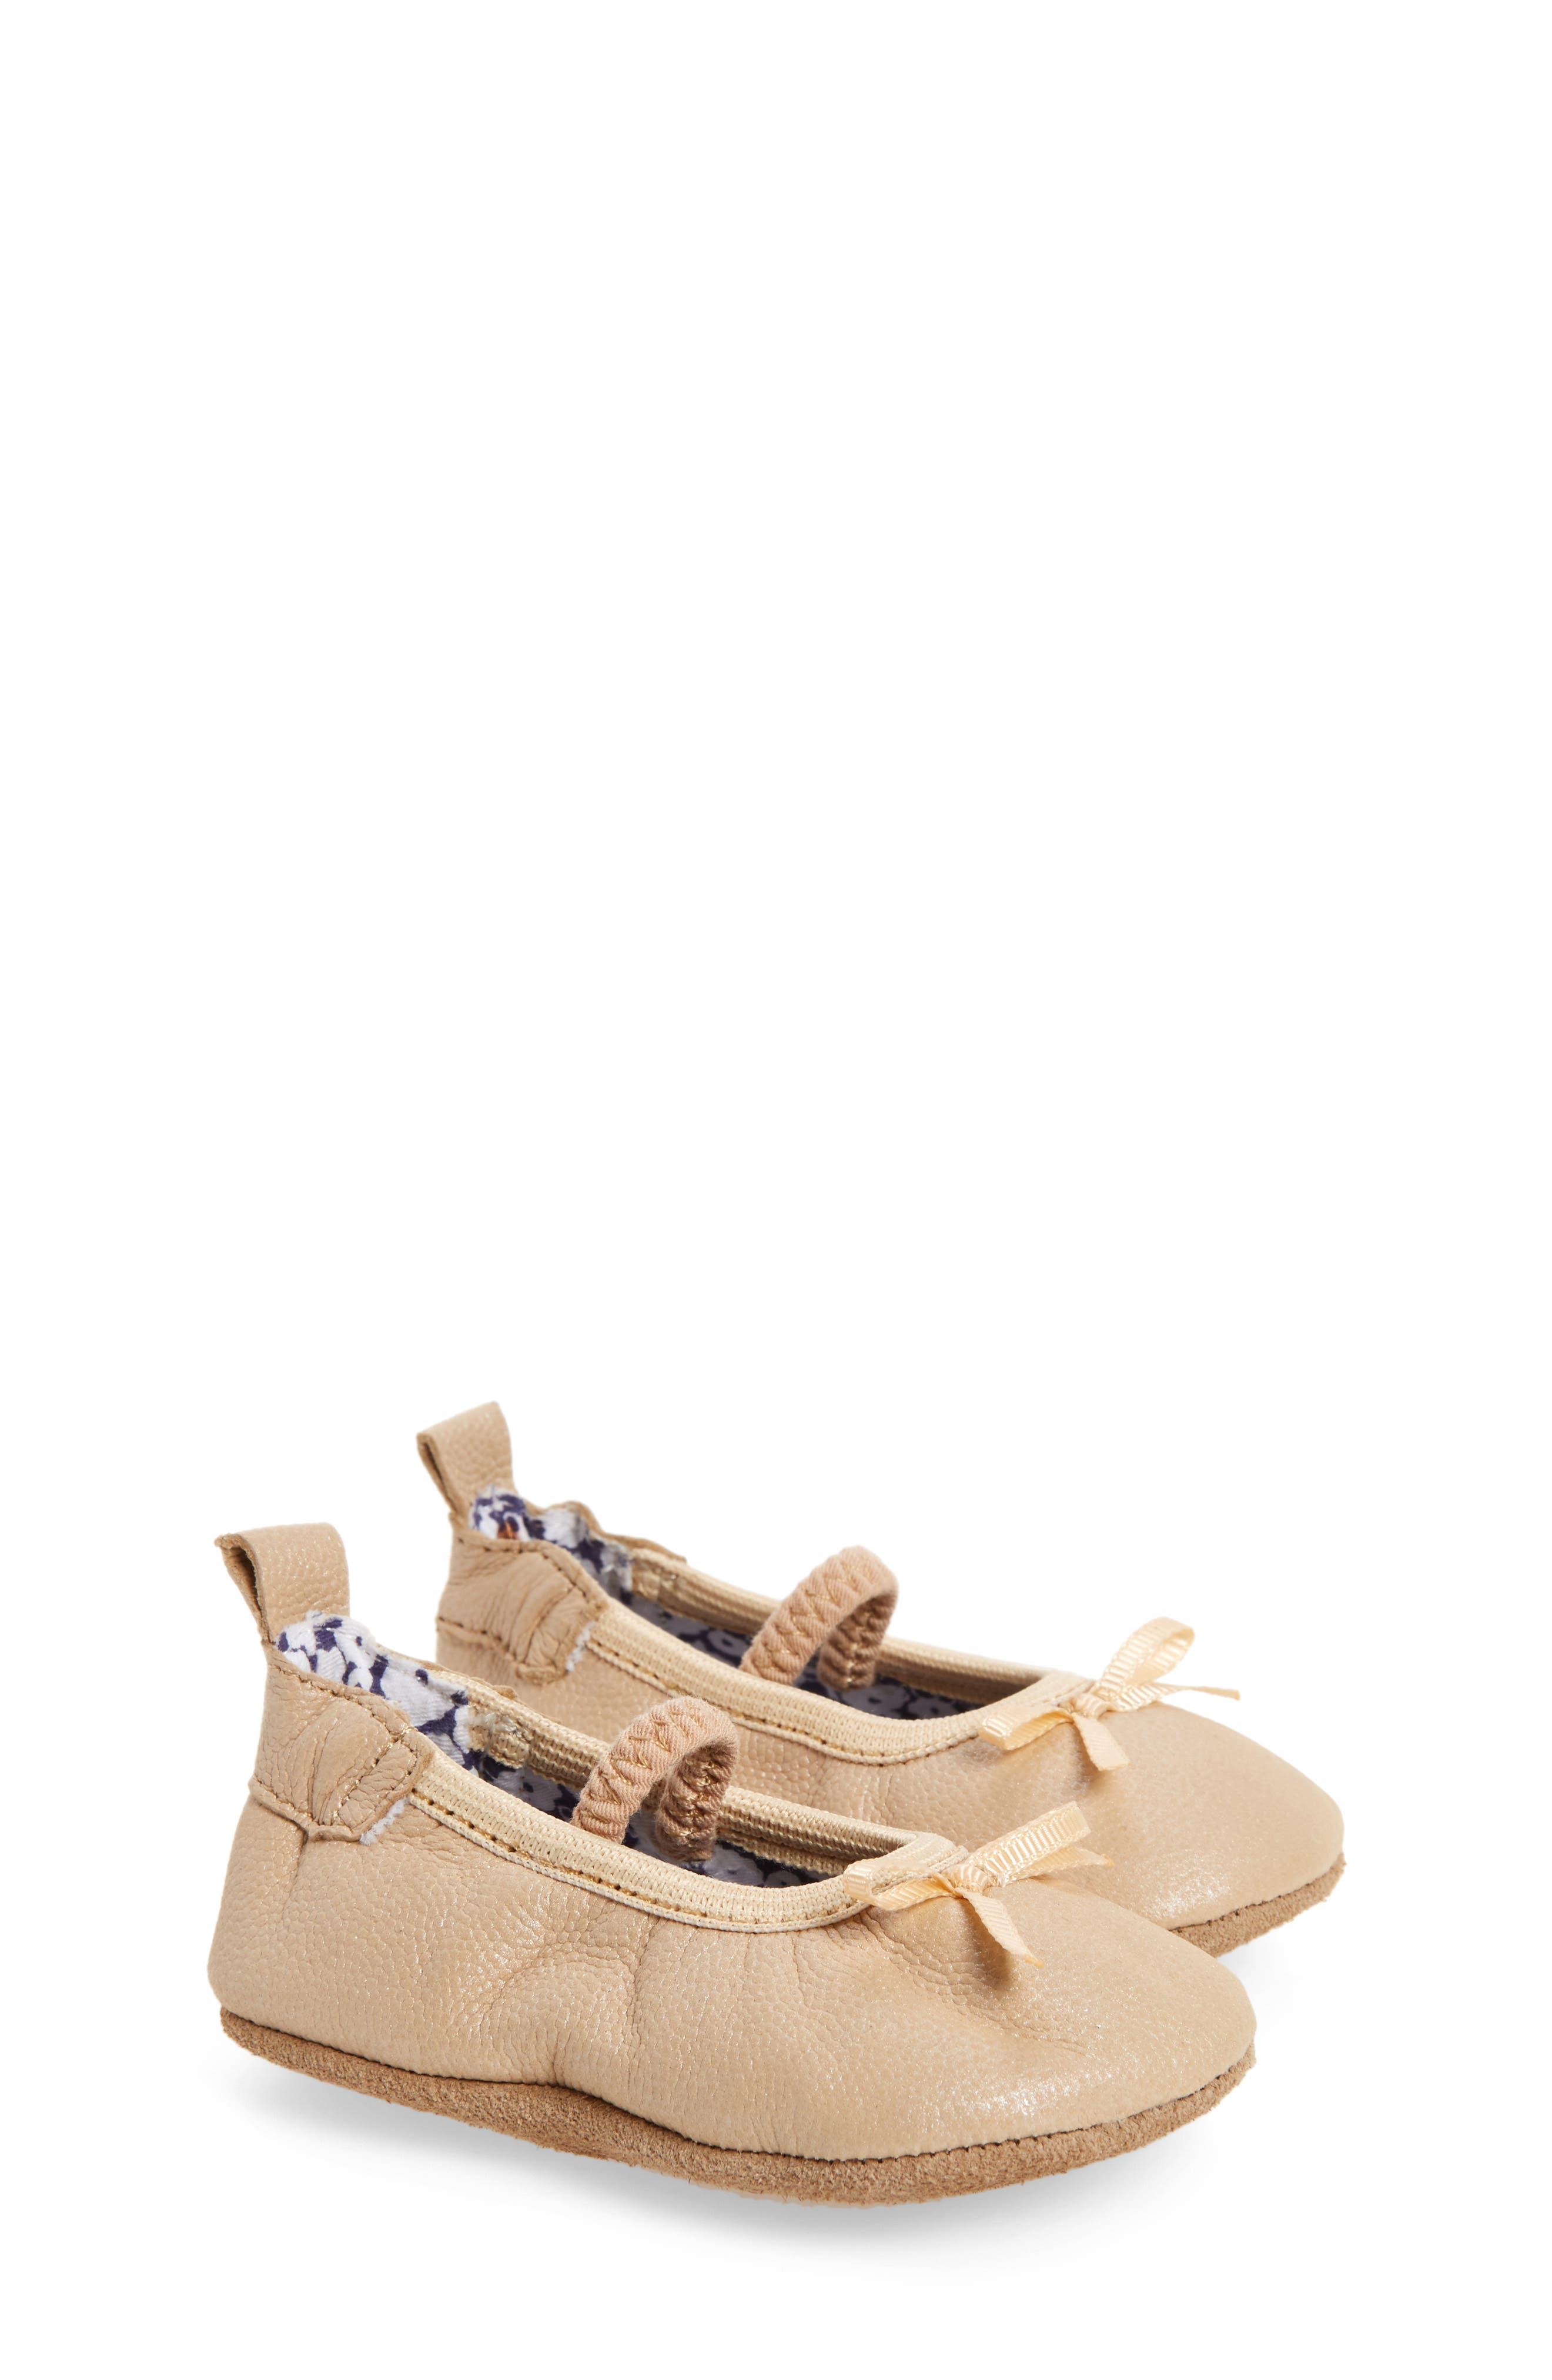 Alternate Image 1 Selected - Robeez® Rachel Ballet Flat (Baby & Walker)